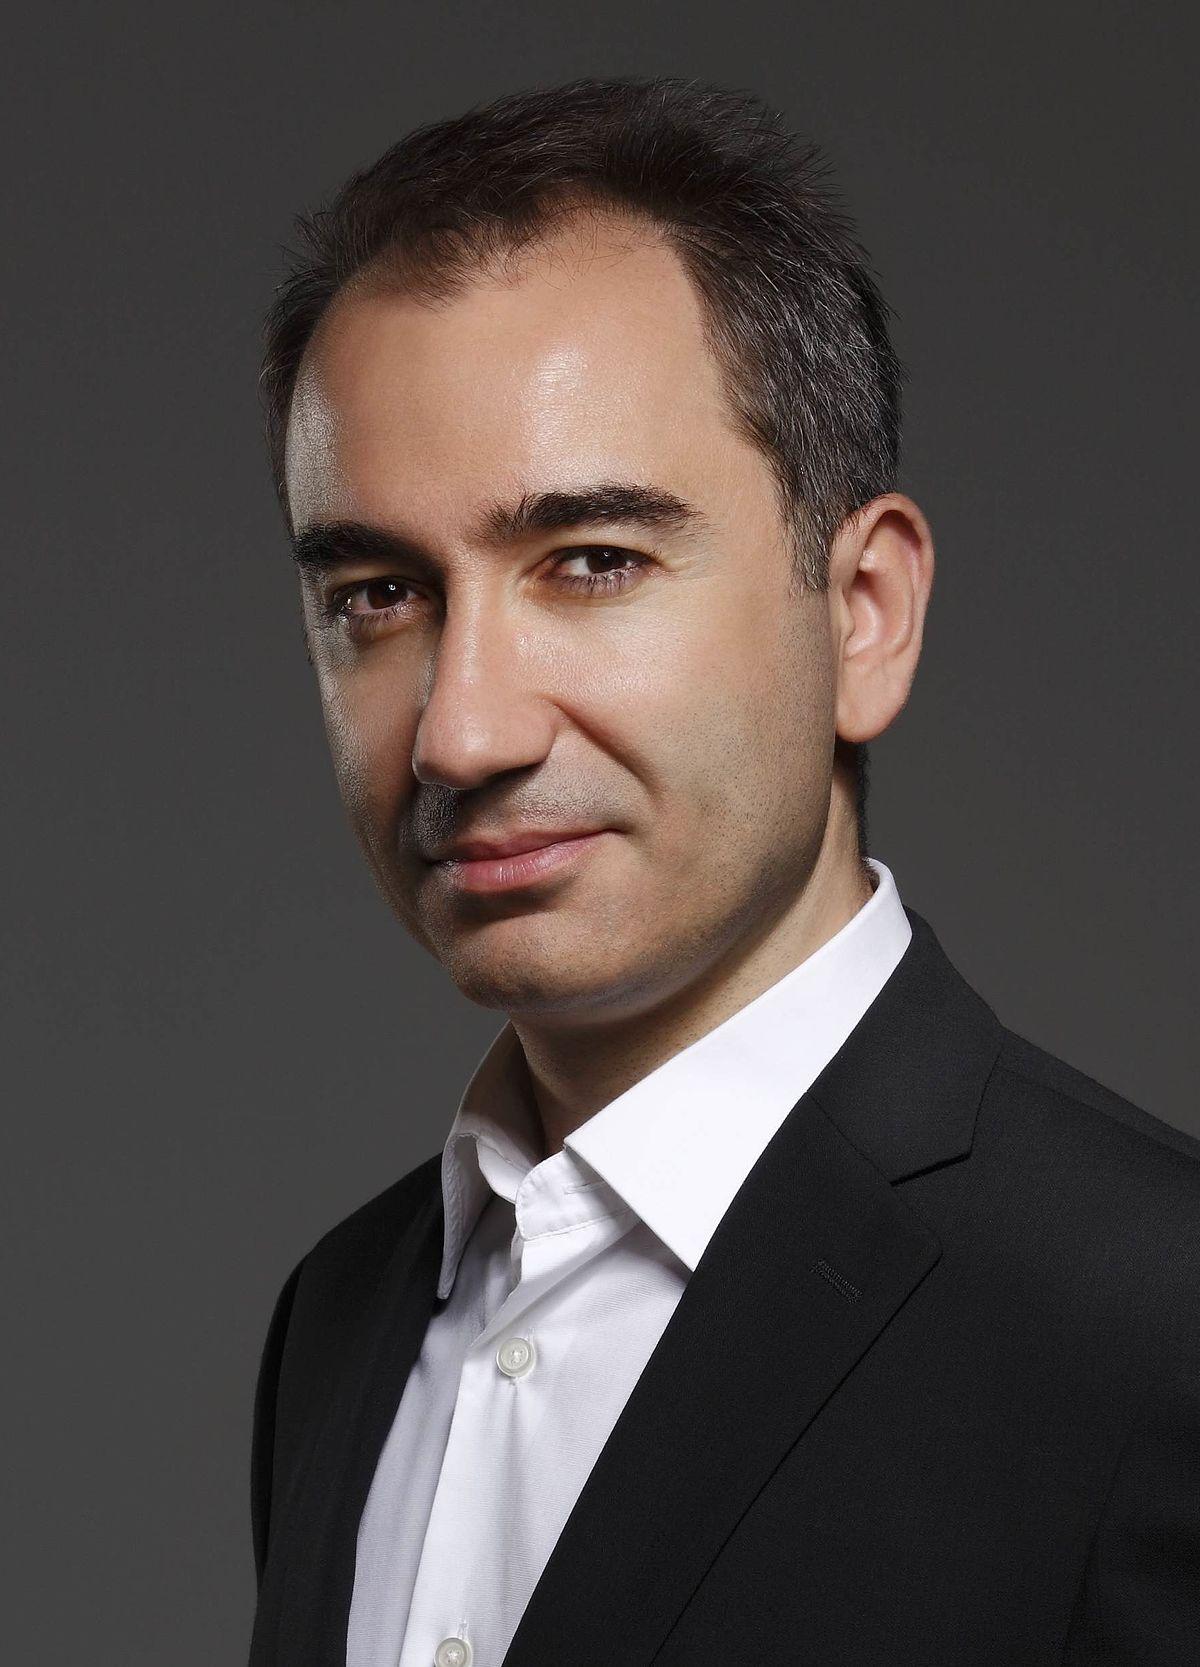 Liberty New York >> Mustafa Akyol - Wikipedia